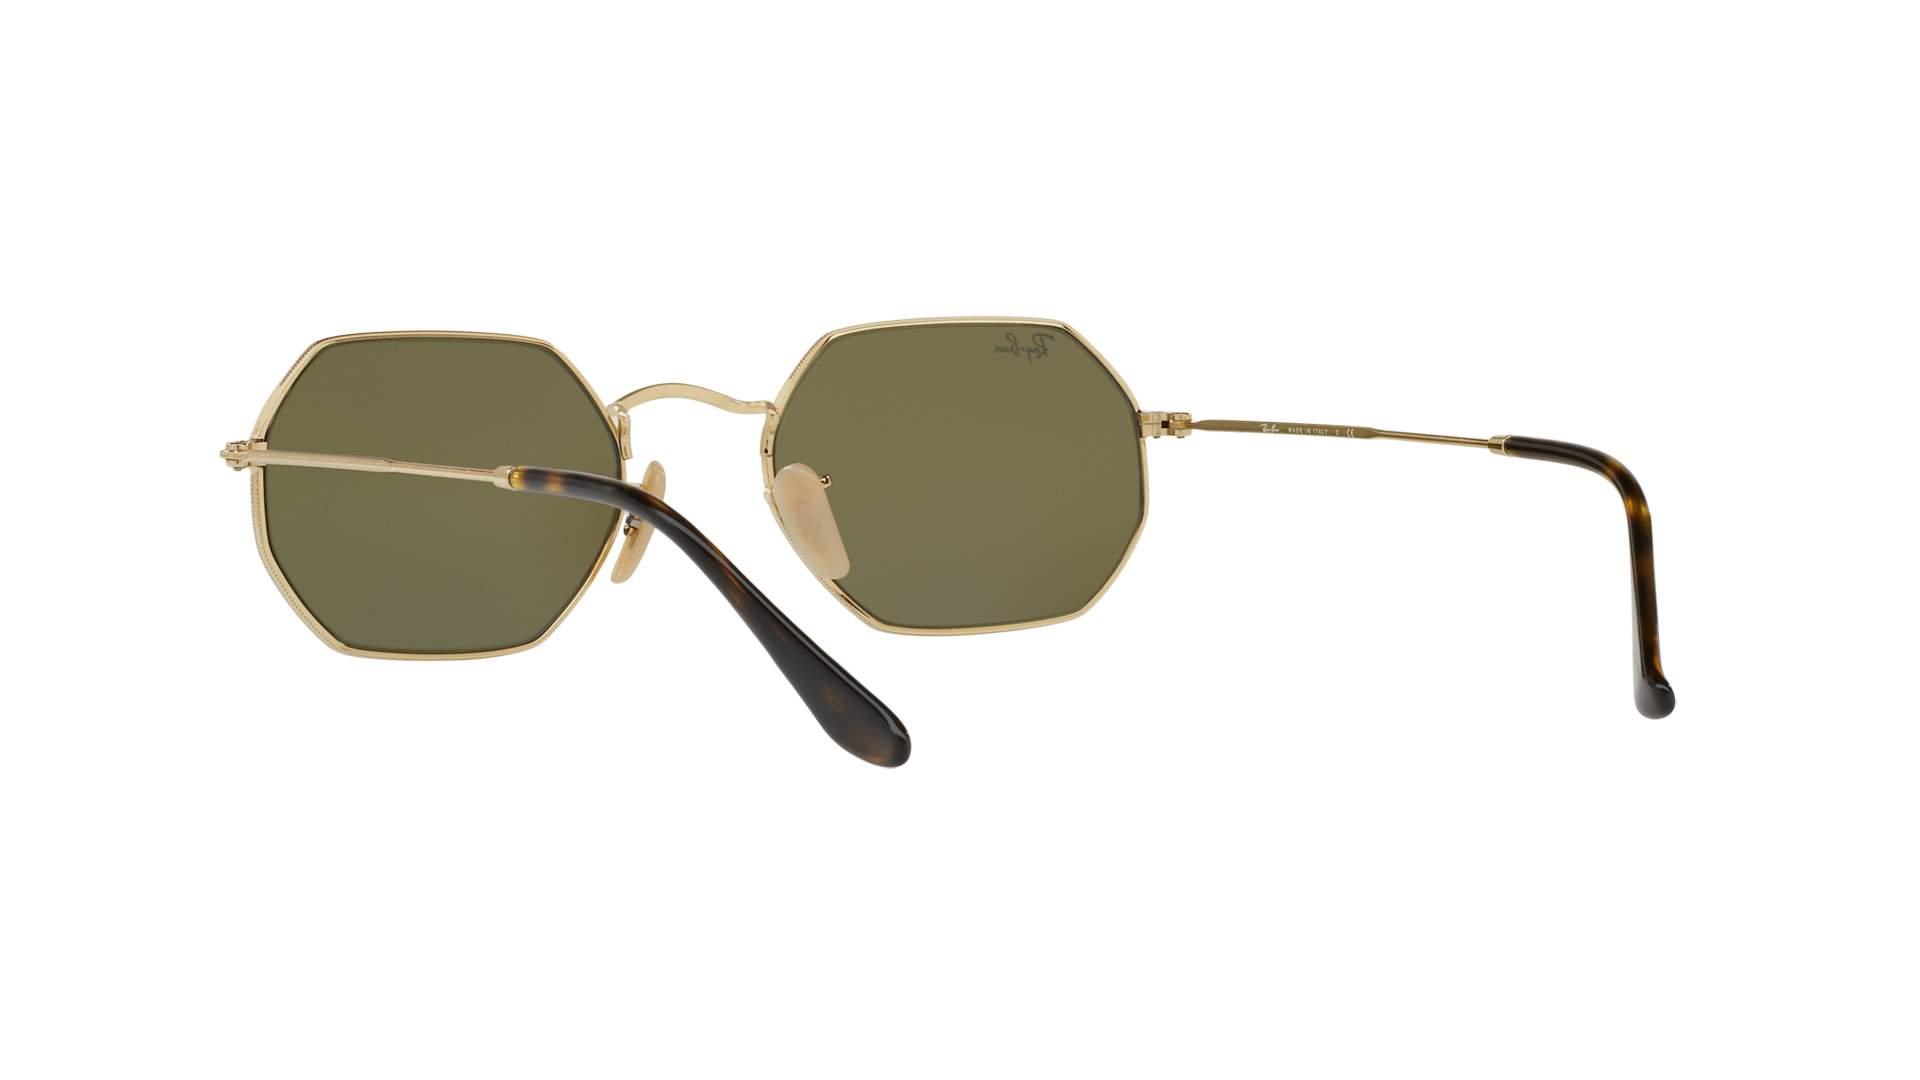 215857e4ddd Sunglasses Ray-Ban Octagonal Gold RB3556N 001 9O 53-21 Medium Mirror